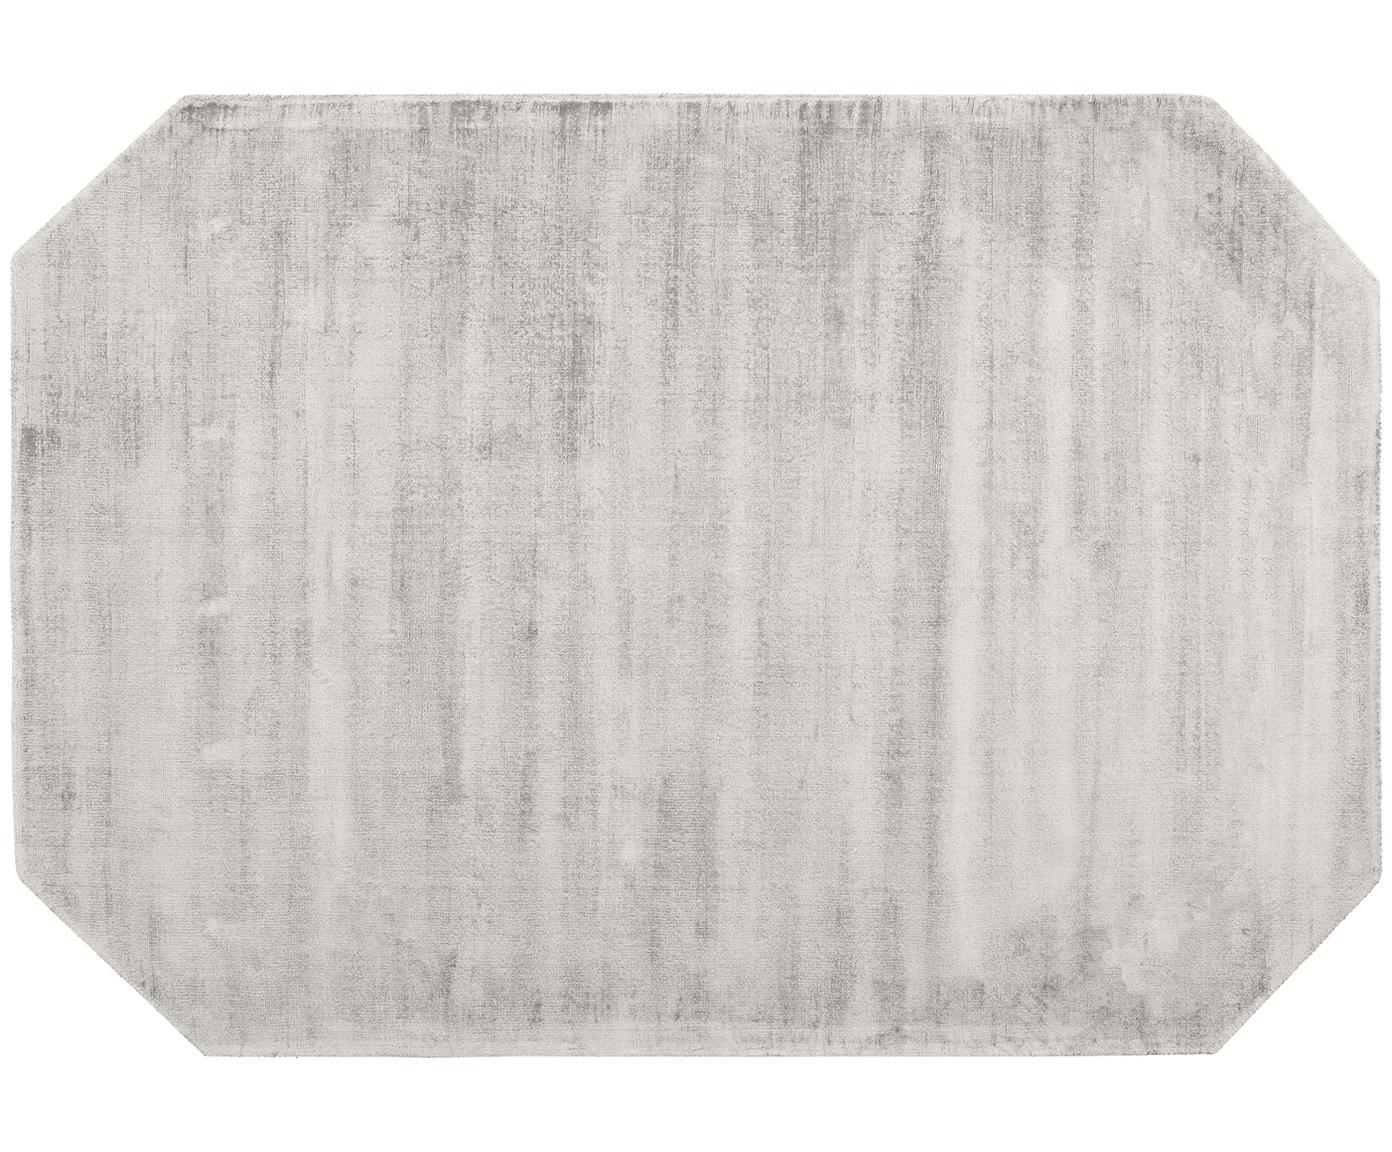 Handgewebter Viskoseteppich Jane Diamond in Hellgrau-Beige, Flor: 100% Viskose, Hellgrau-Beige, B 160 x L 230 cm (Größe M)